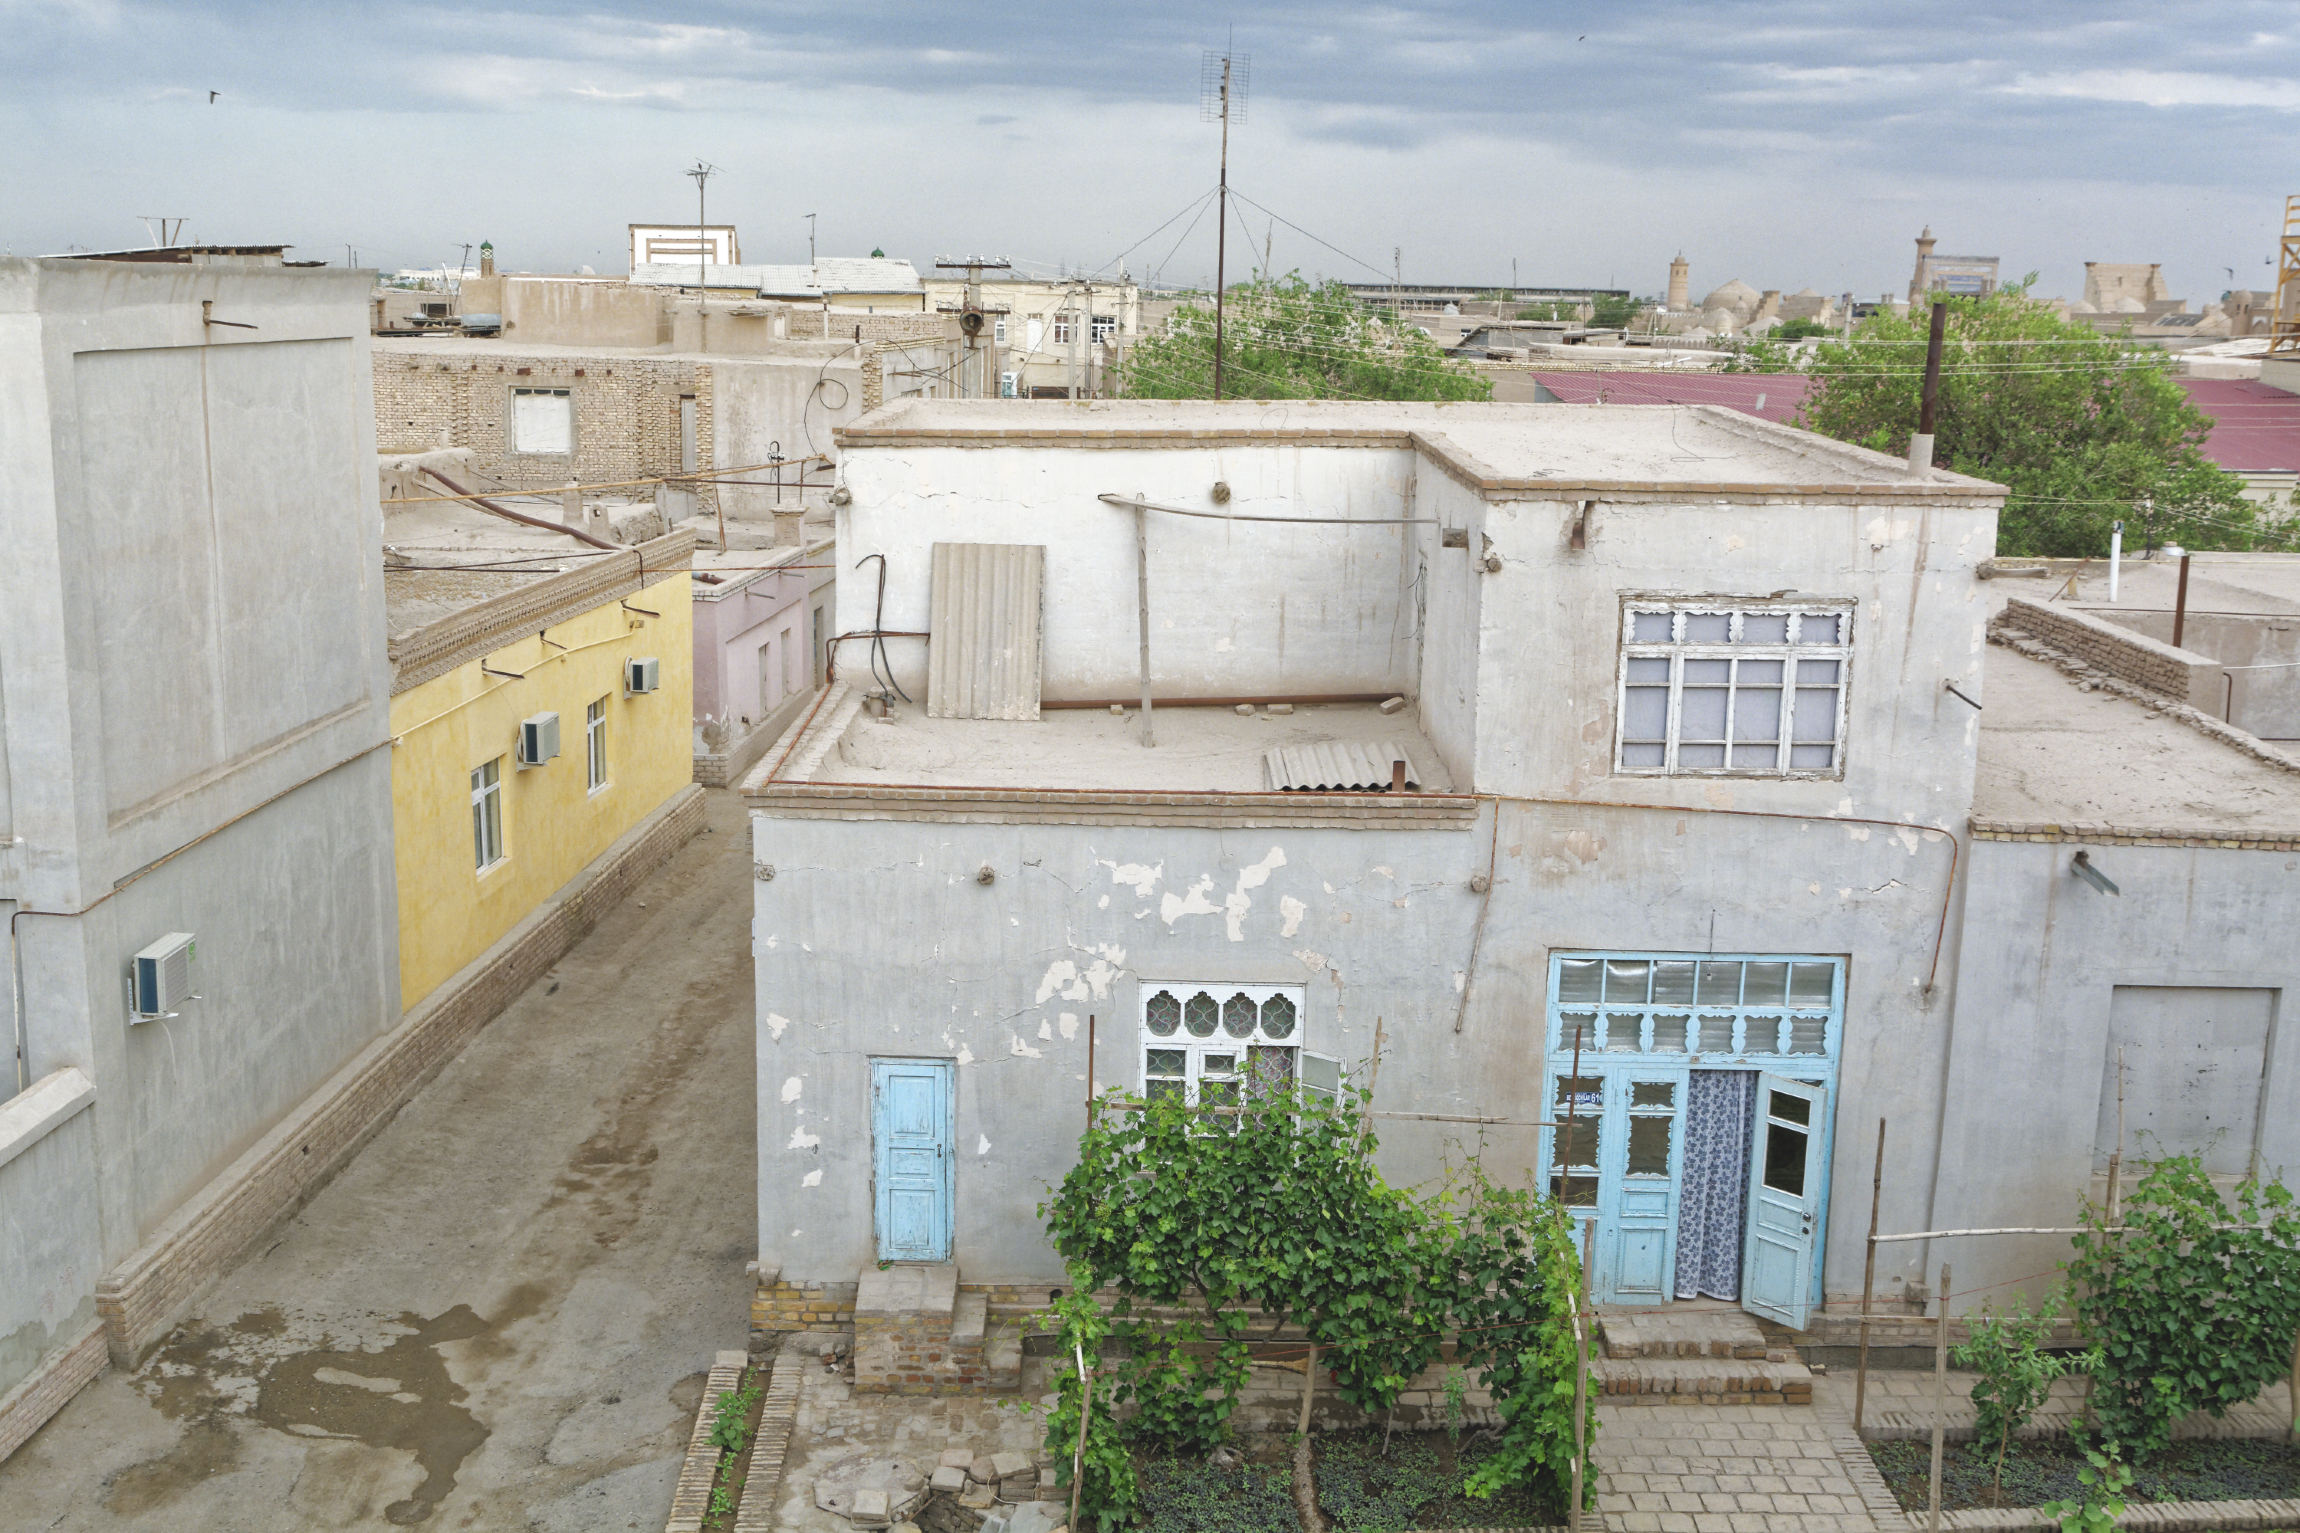 Vue sur les toits de Khiva